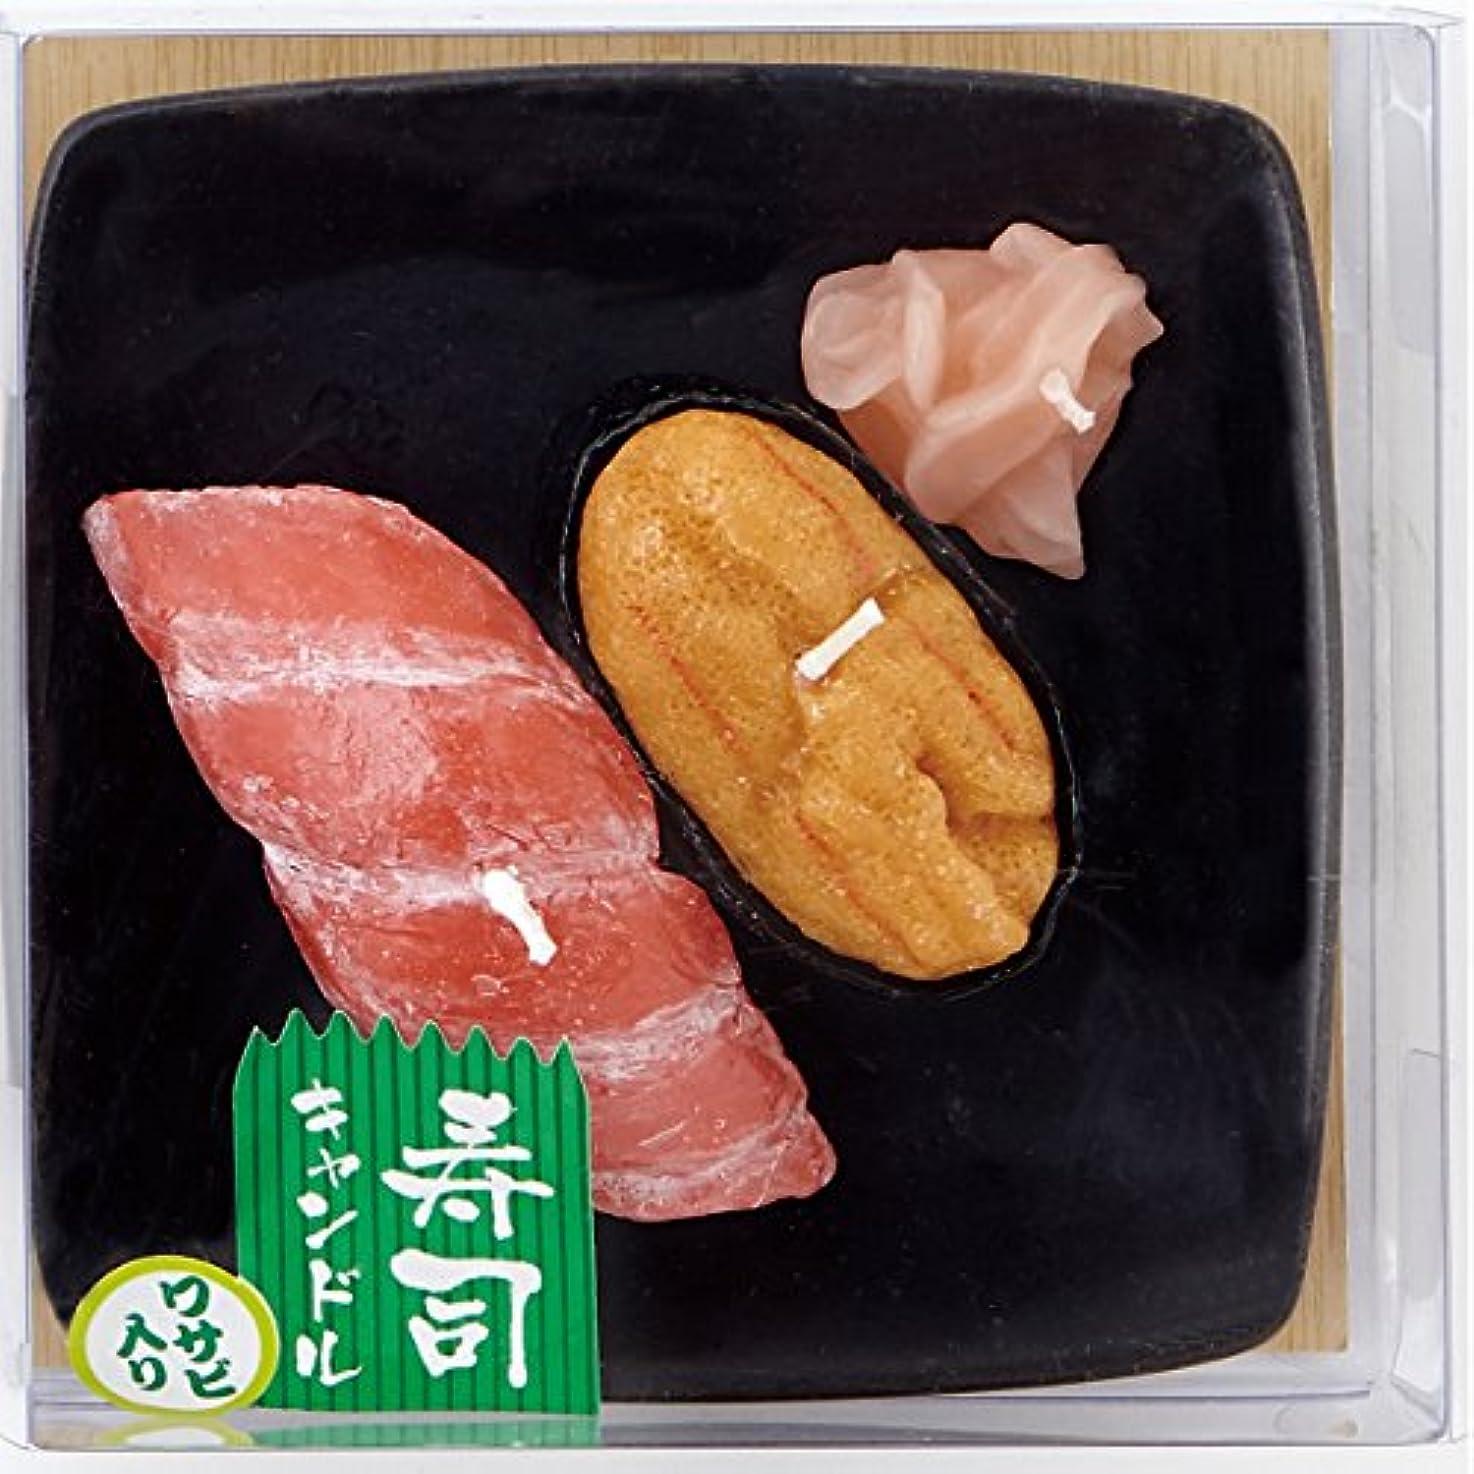 日記ワンダー鎮静剤寿司キャンドル C(ウニ?大トロ) サビ入